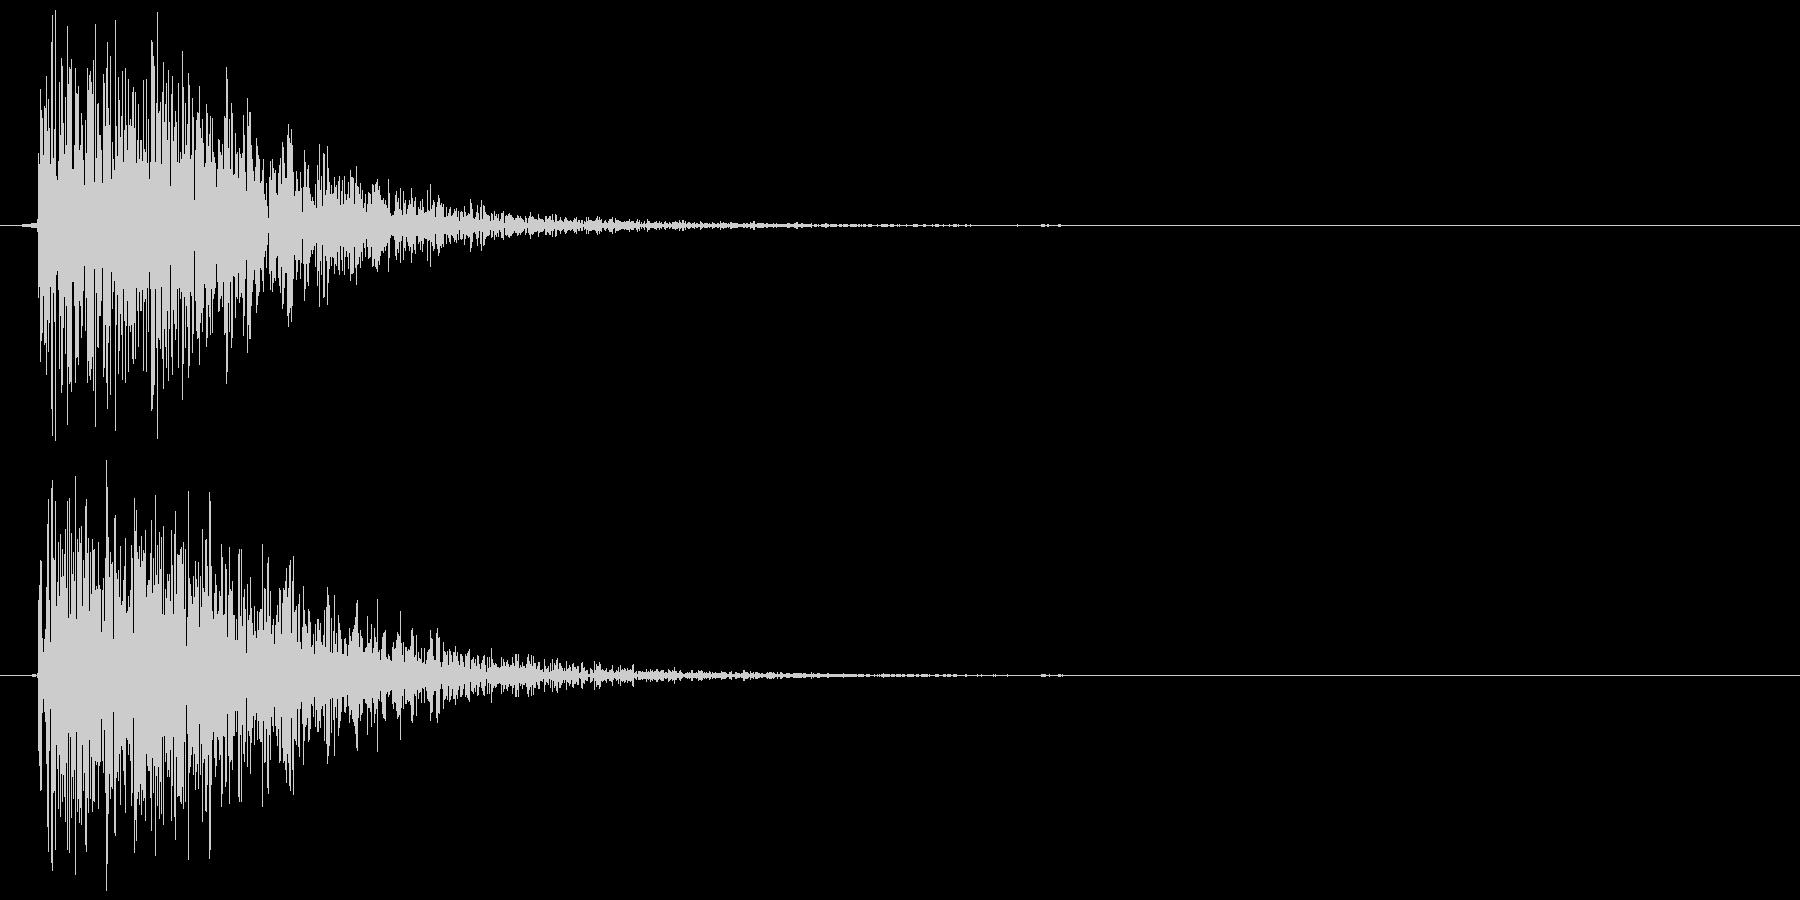 クラッカーの音 パン (リアル風)の未再生の波形